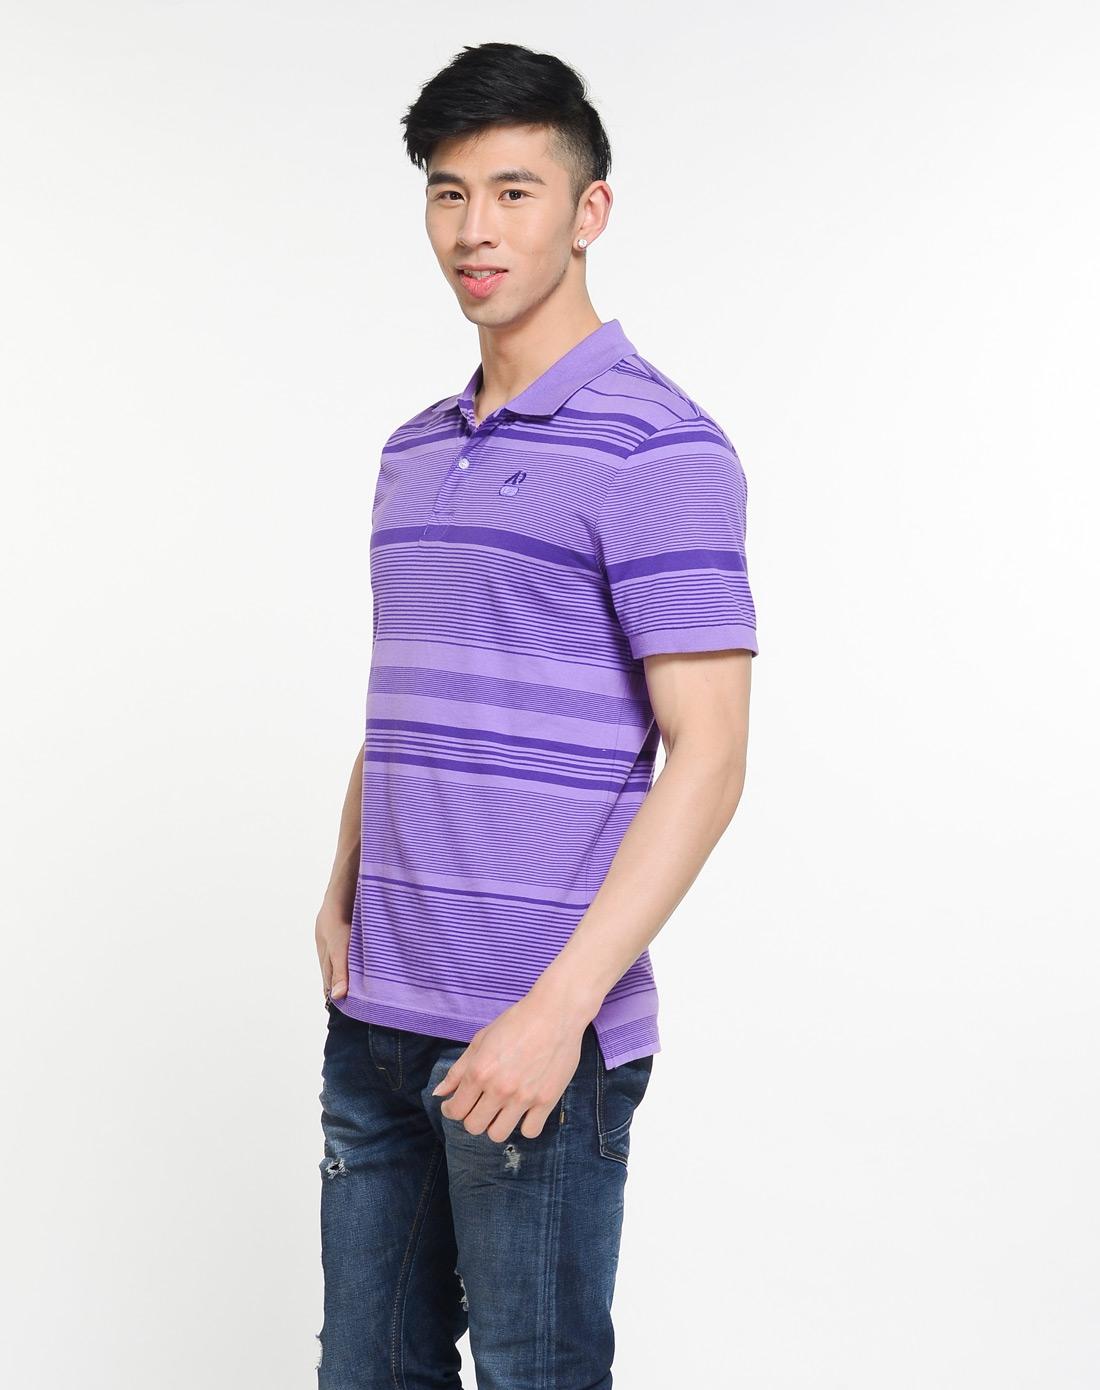 耐克nike男装专场-男子紫色短袖polo衫图片